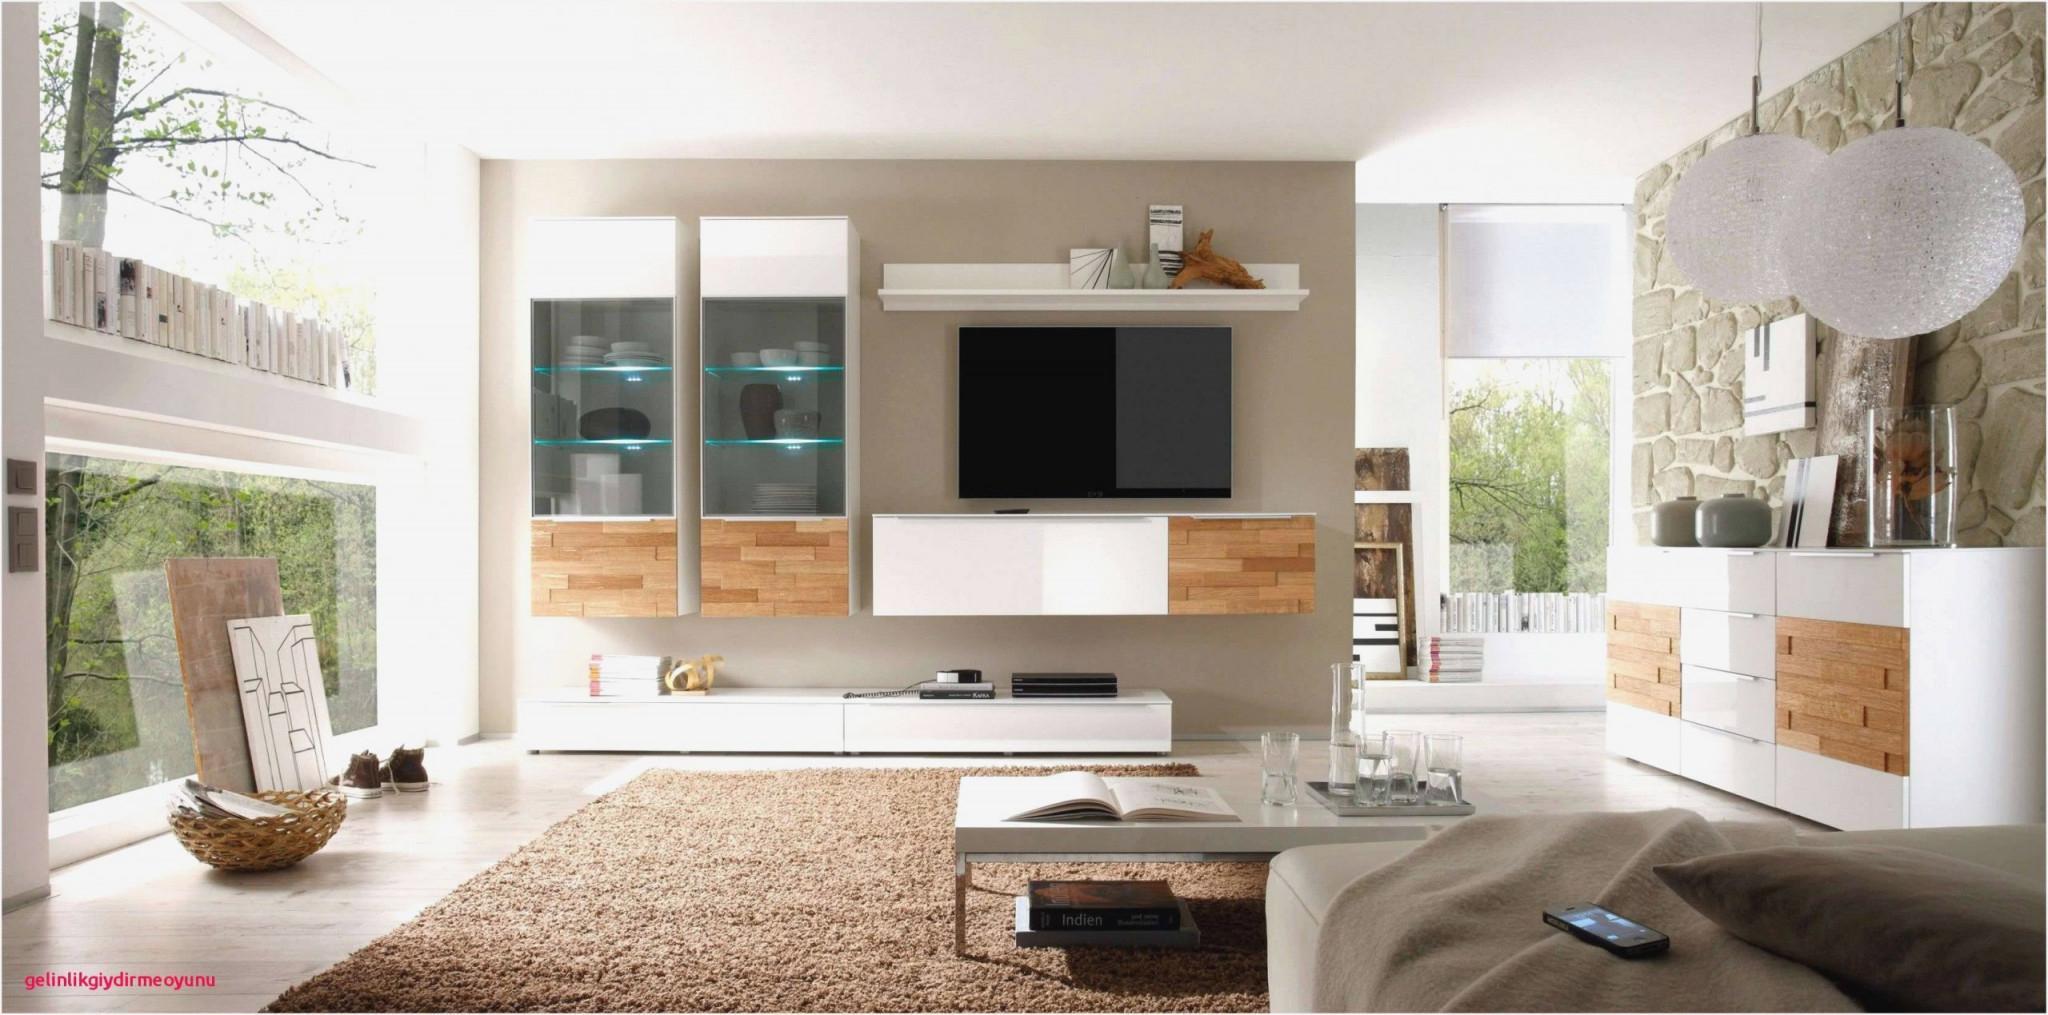 Wohnzimmer Deko Ideen Holz  Wohnzimmer  Traumhaus von Wohnzimmer Ideen Holz Photo